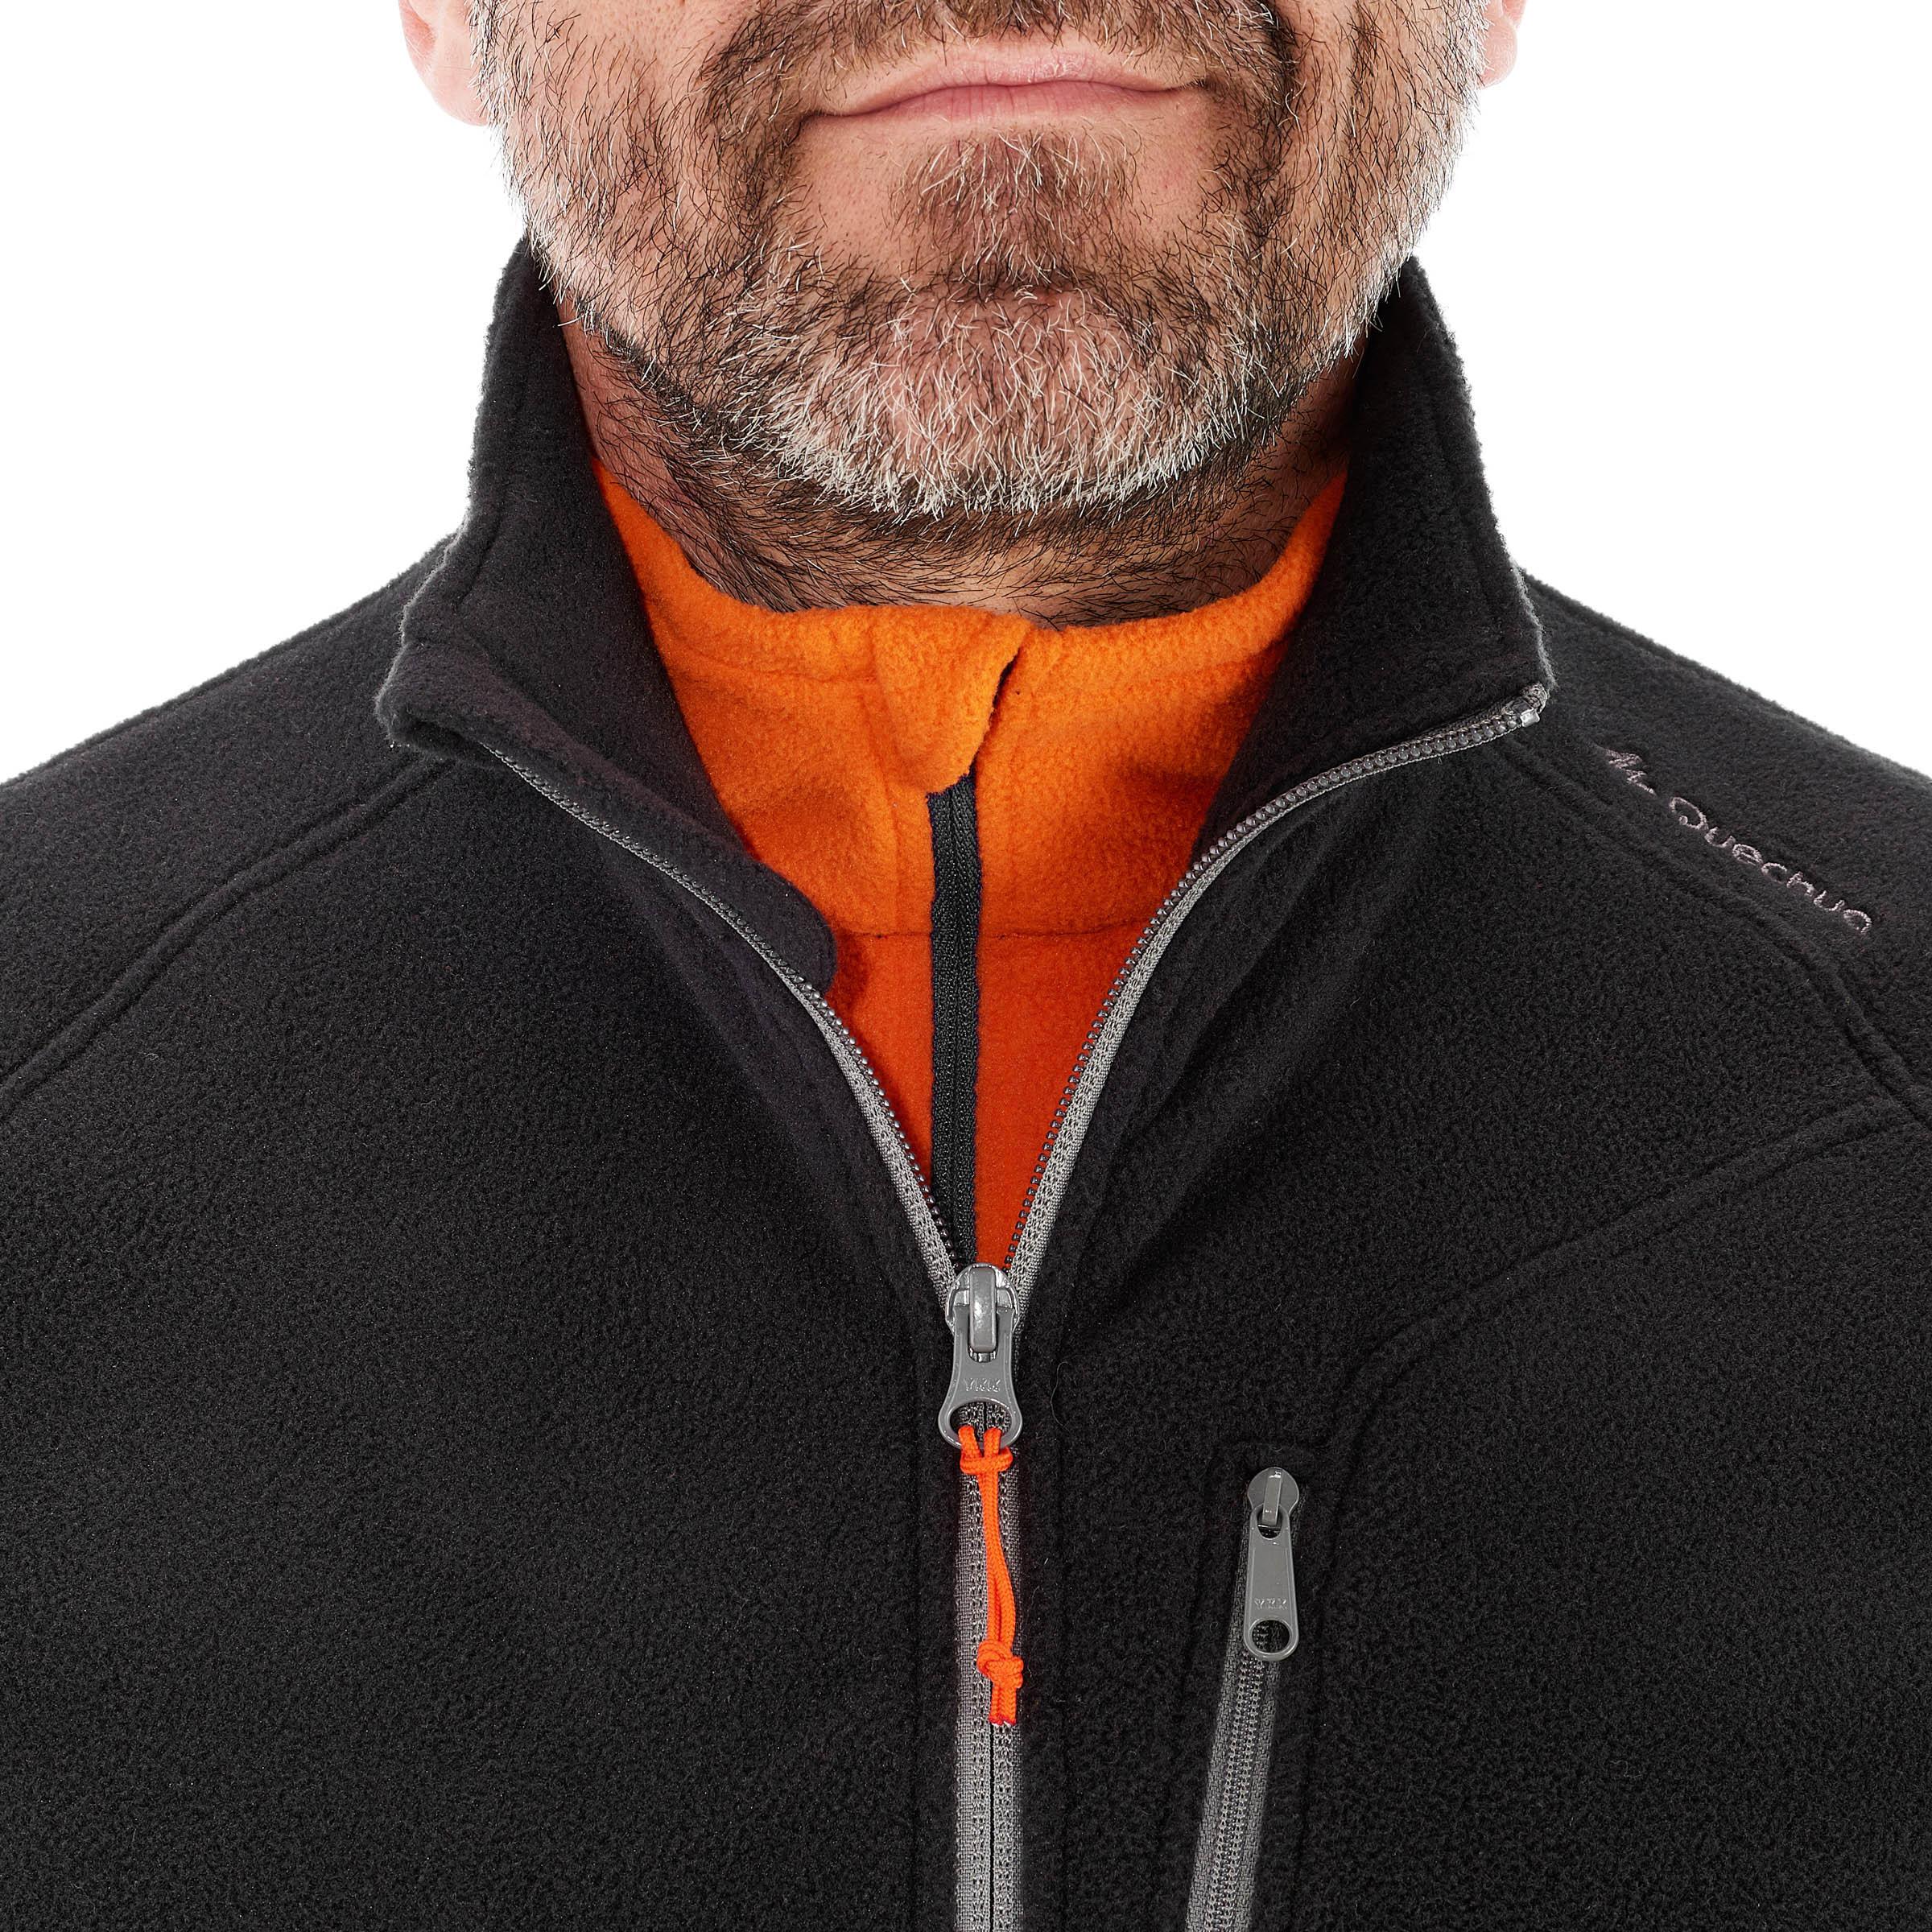 MH120 Men's Mountain Hiking Fleece Vest - Black